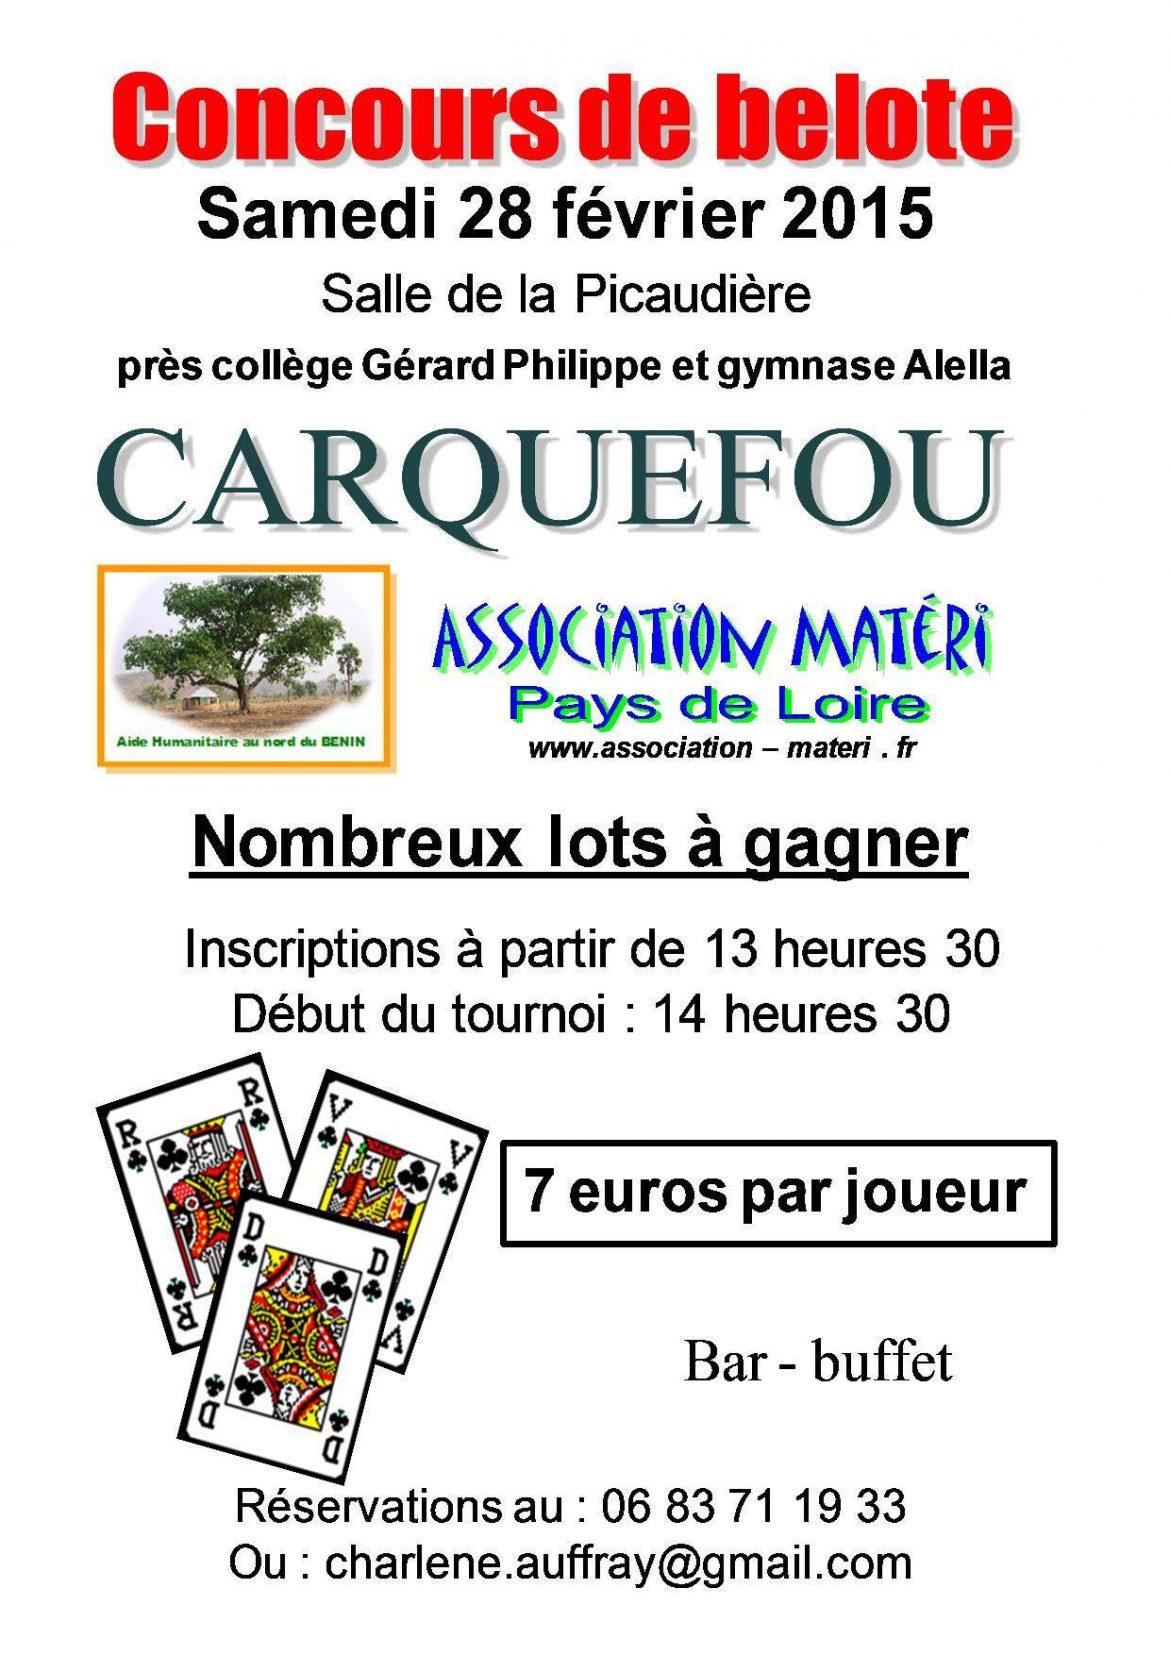 Tournoi de Belote 28 février 2015 à Carquefou – Loire Atlantique